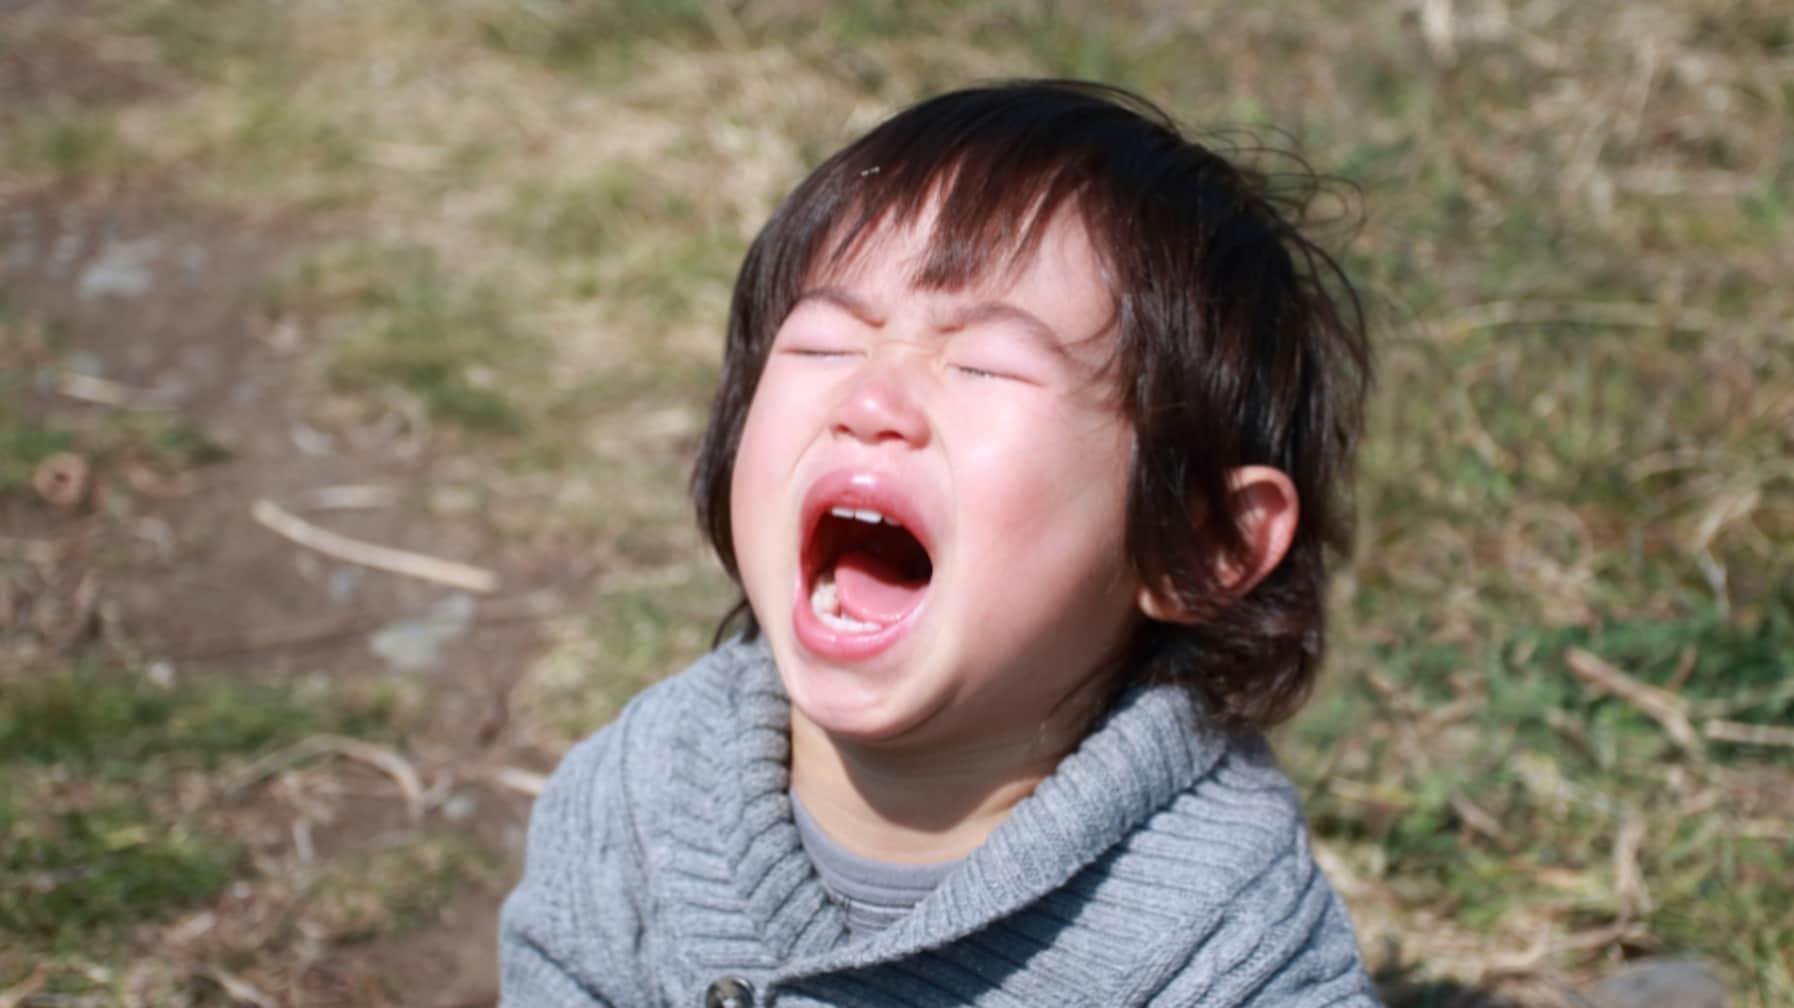 2歳児は「私は最強!」と思ってる時期だから…保健師が語る子どもが癇癪を起こした時の考え方が話題に